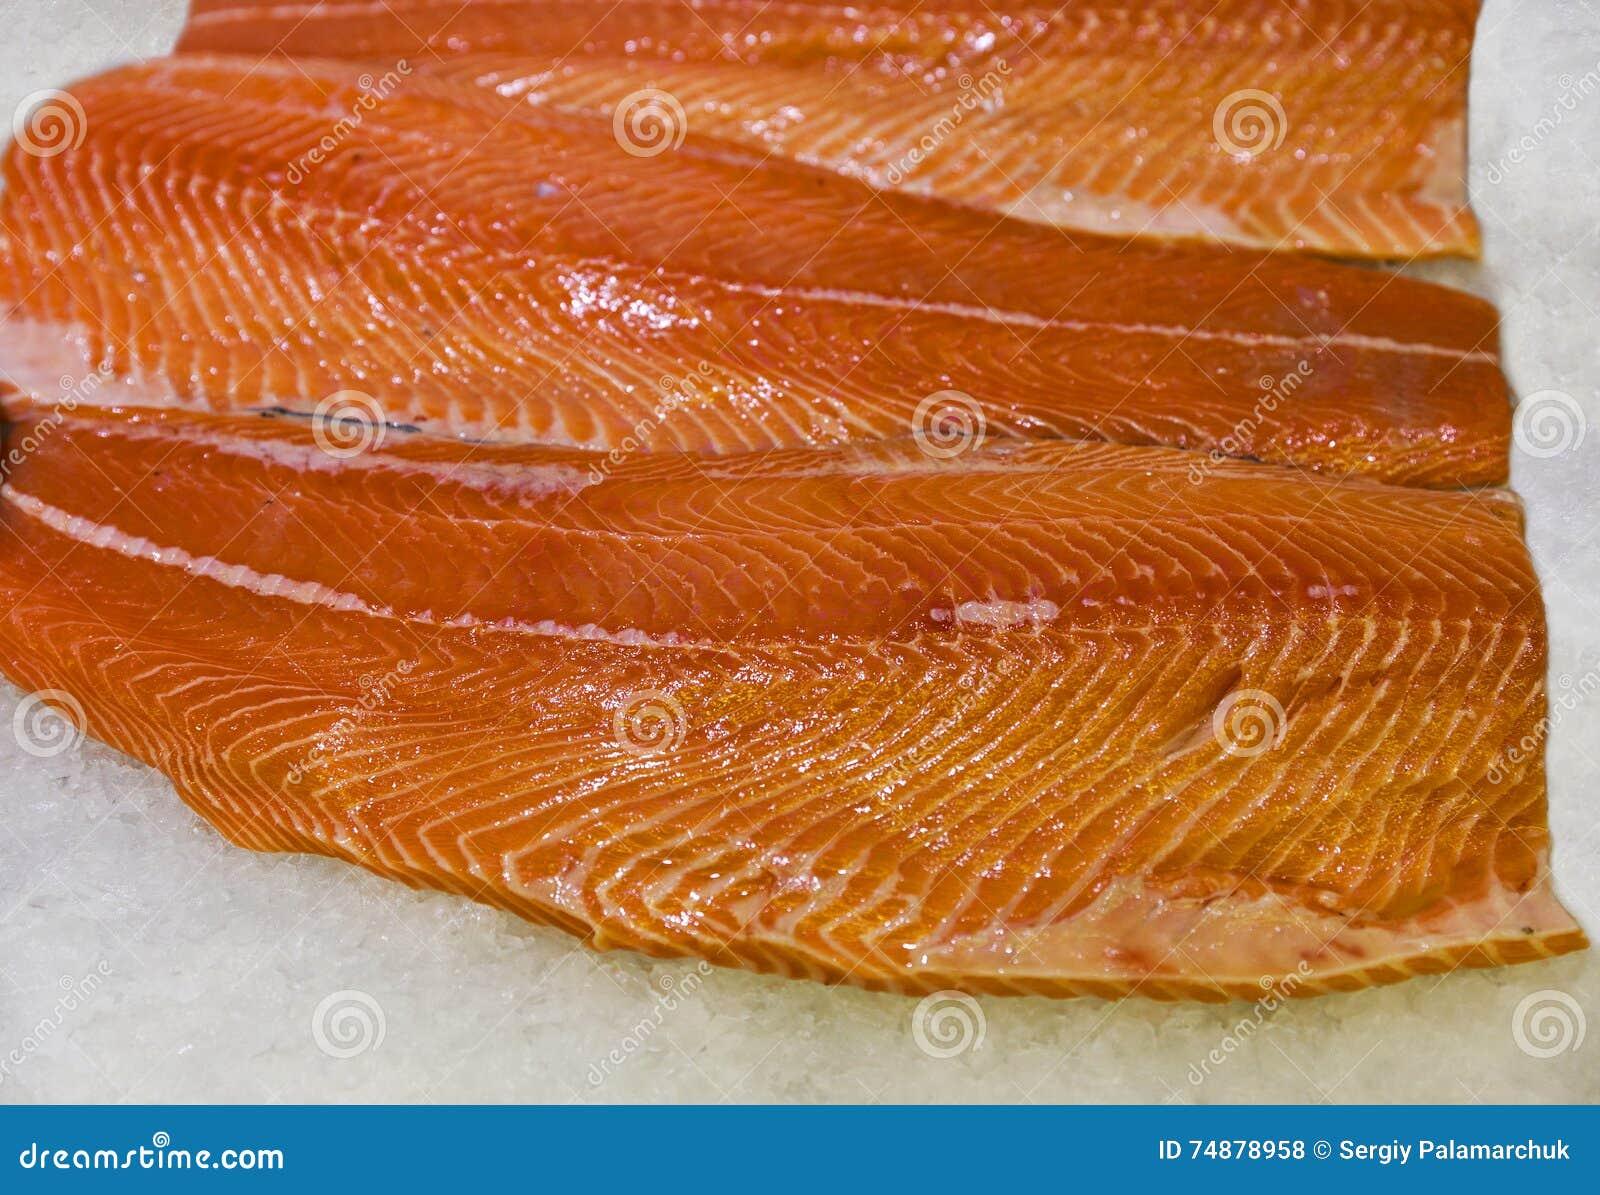 Faixa salmon de refrigeração crua no close up do gelo